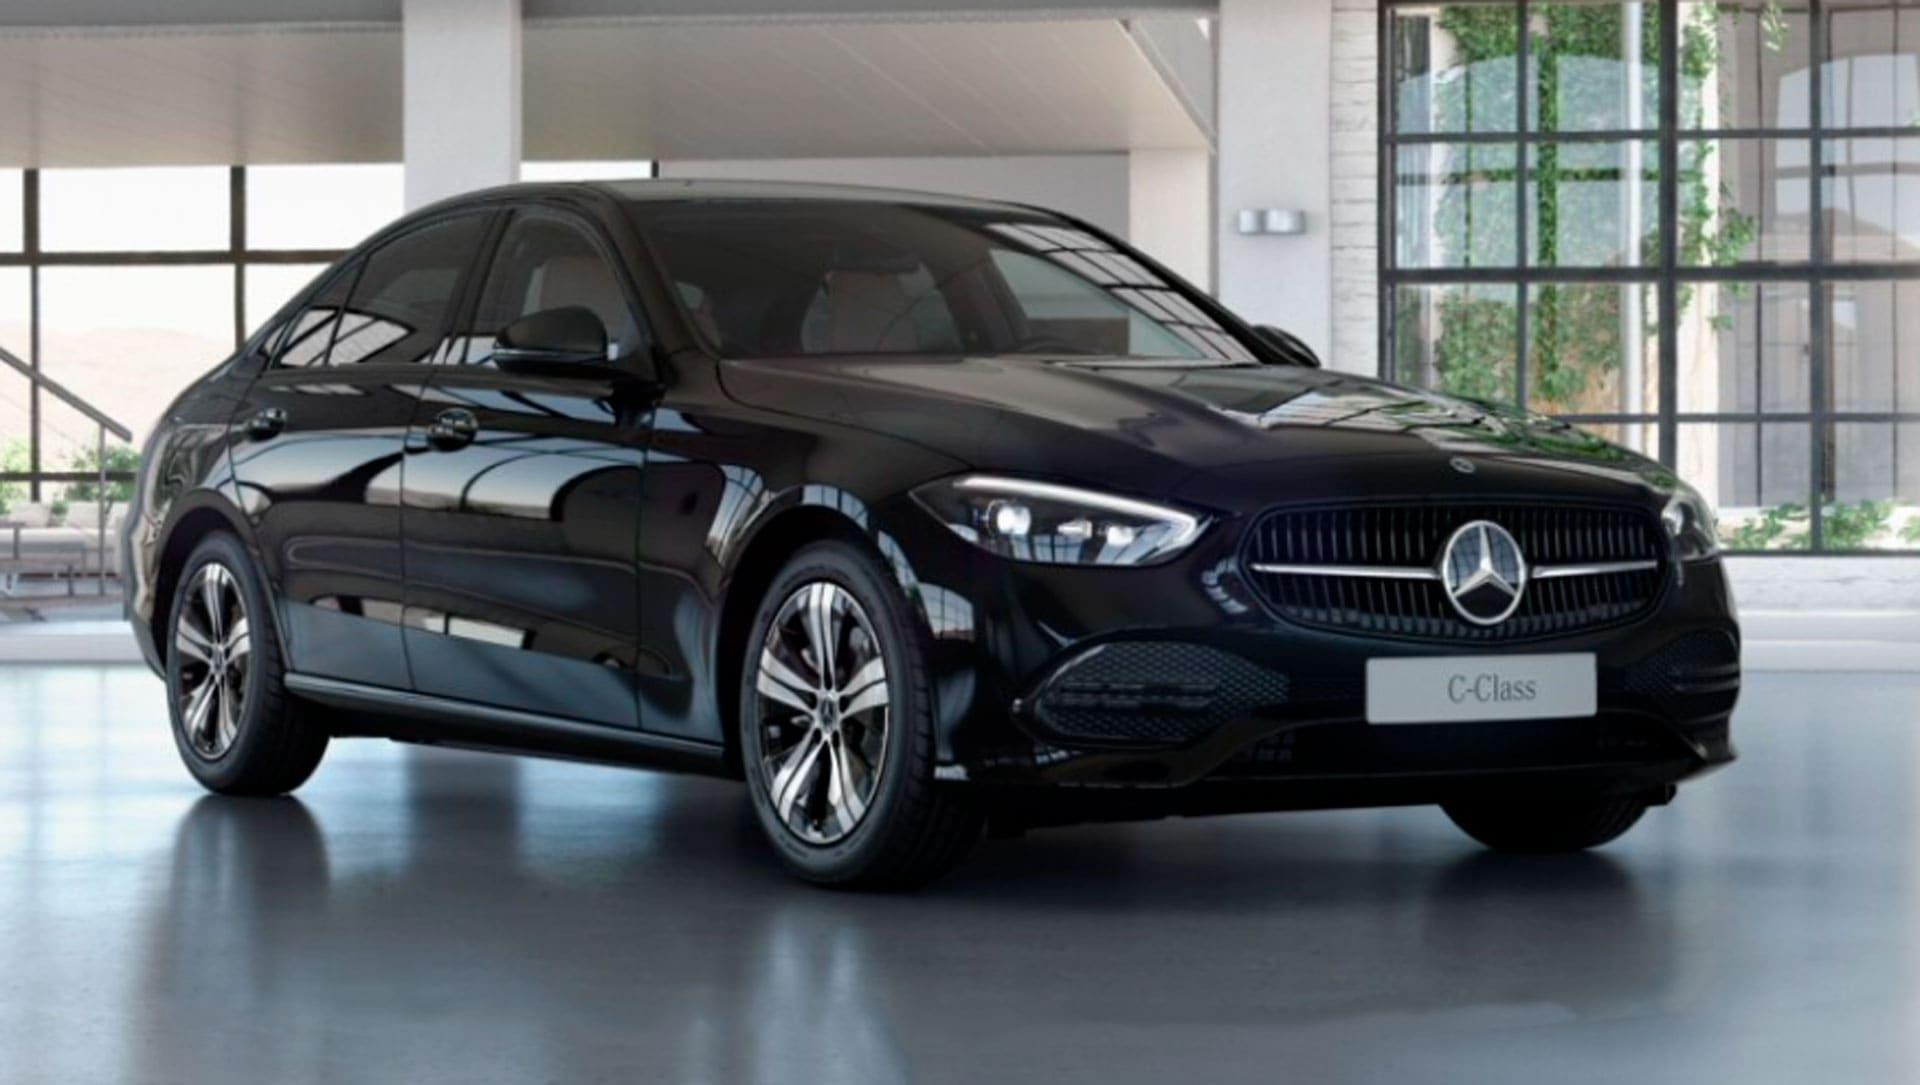 Mercedes-Benz C-Class 0152600005